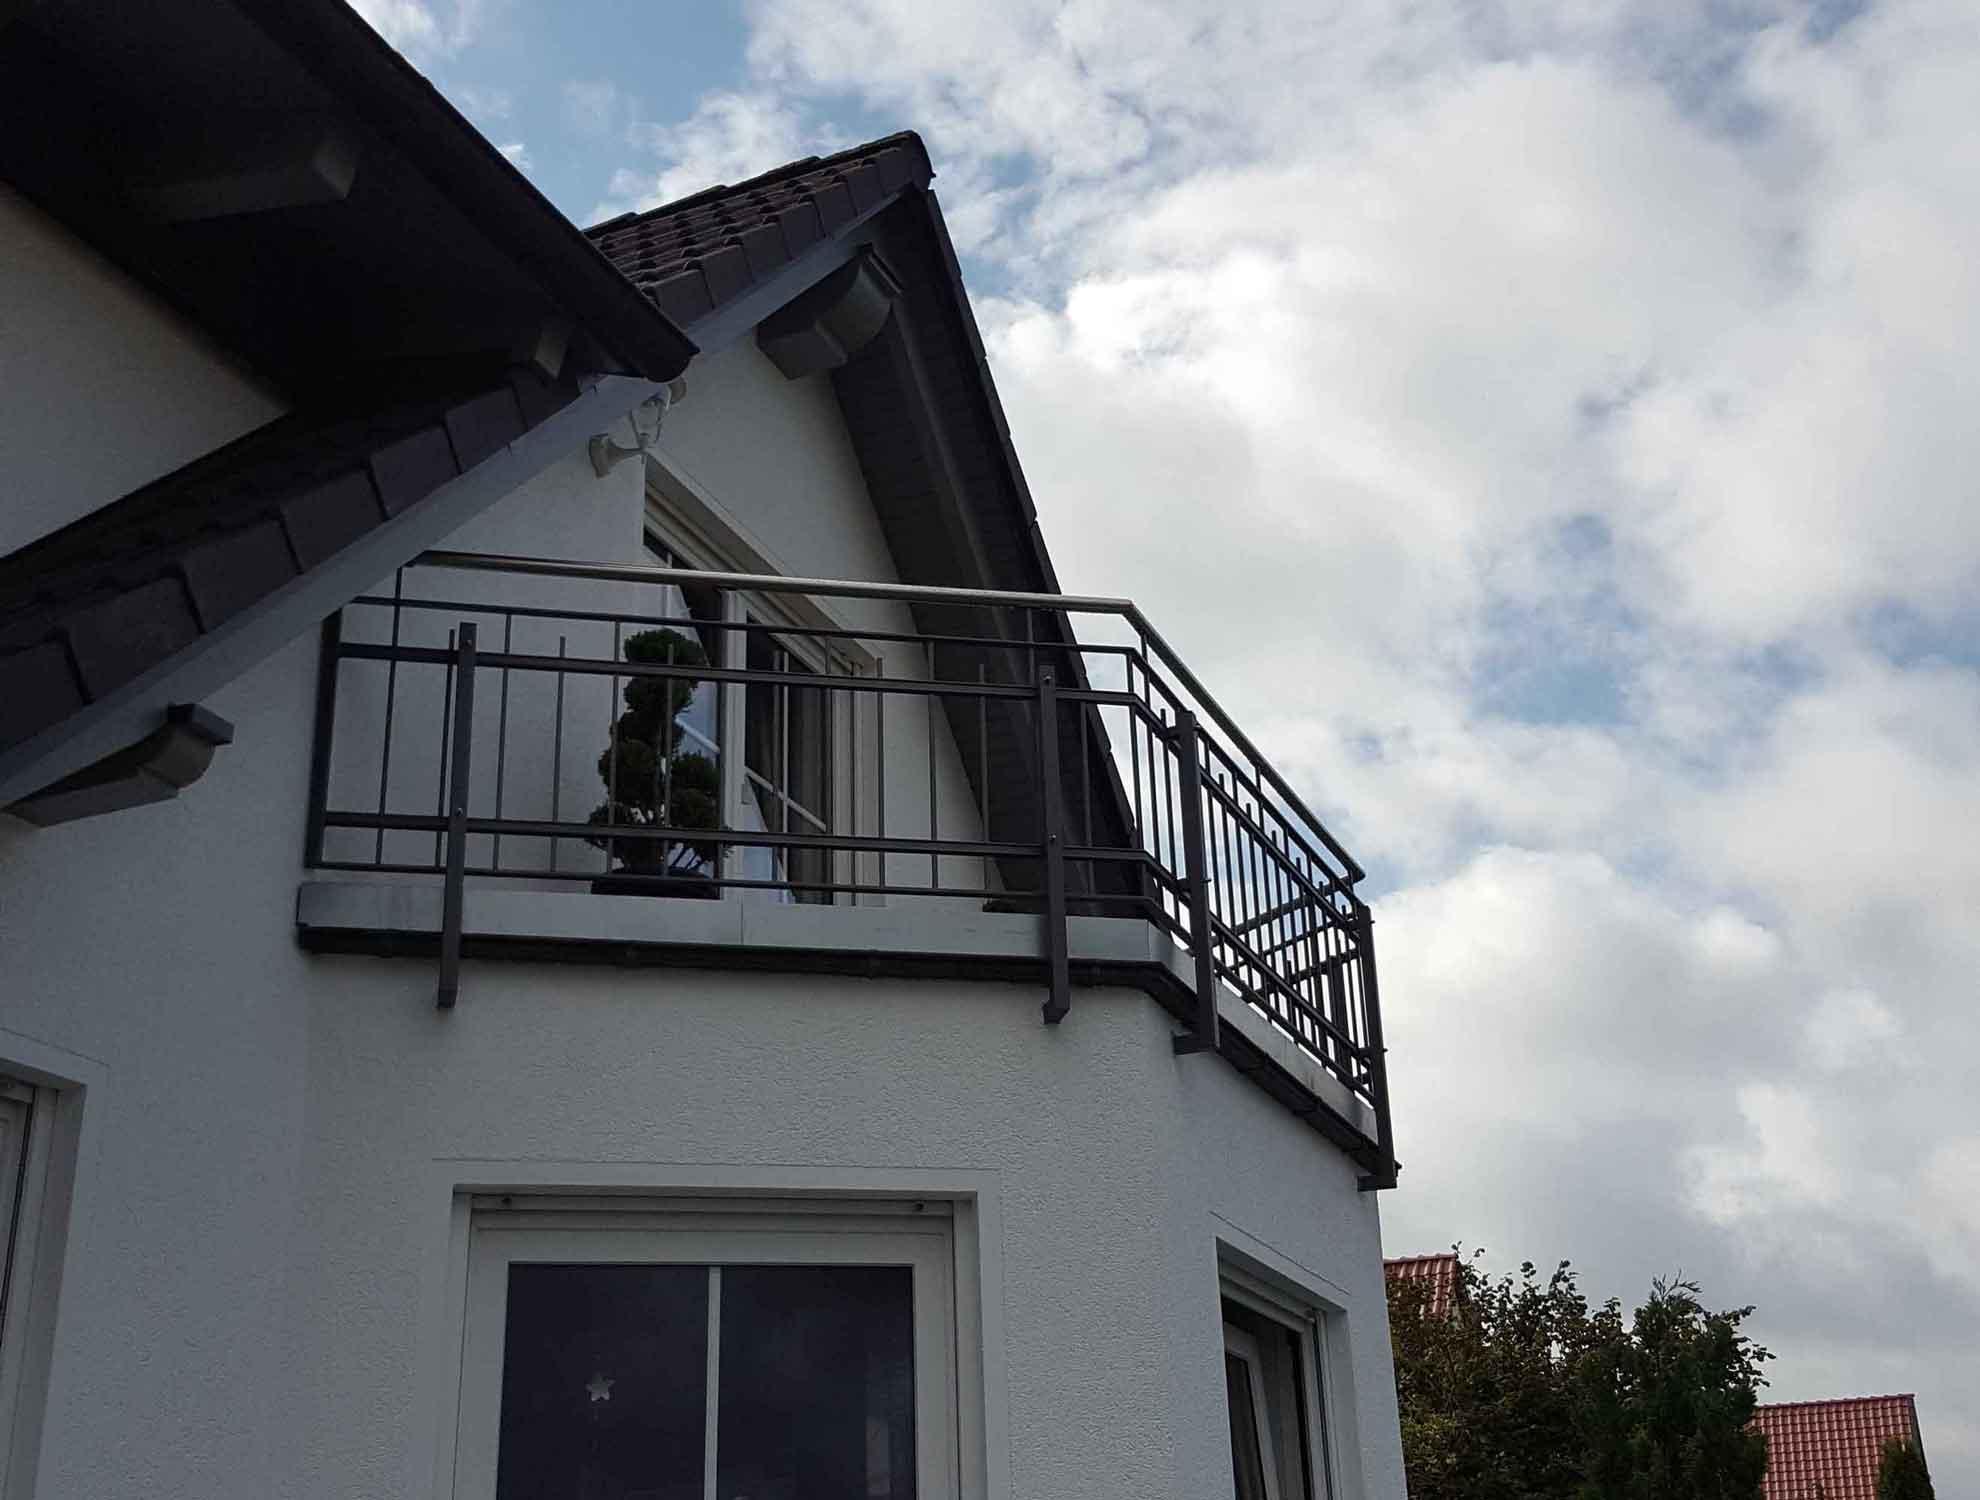 Hirsch Metallbau Balkongeländer 037 - Balkongeländer